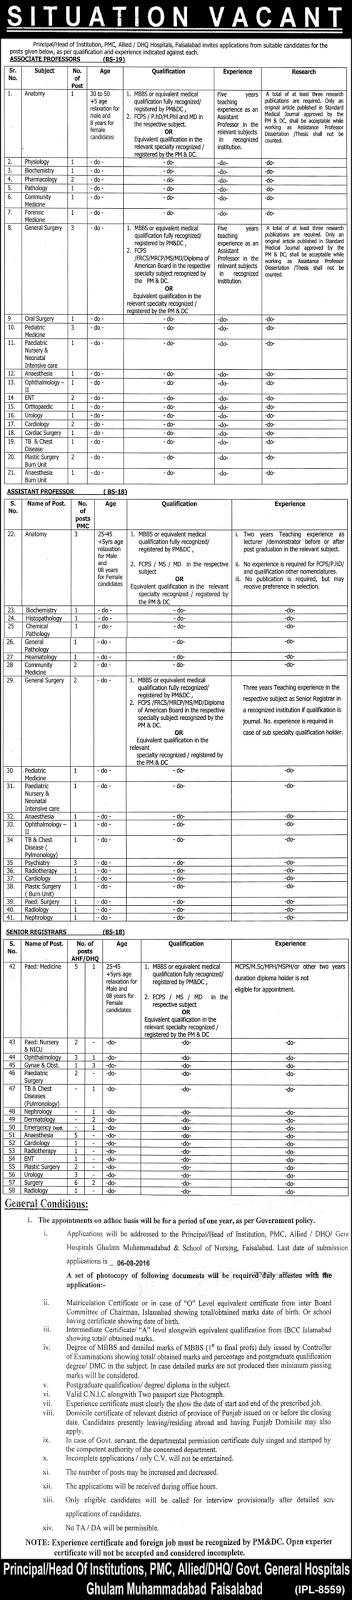 MBBS Doctors Jobs in Pakistan Govt. Hospital Faisalabad Jobs